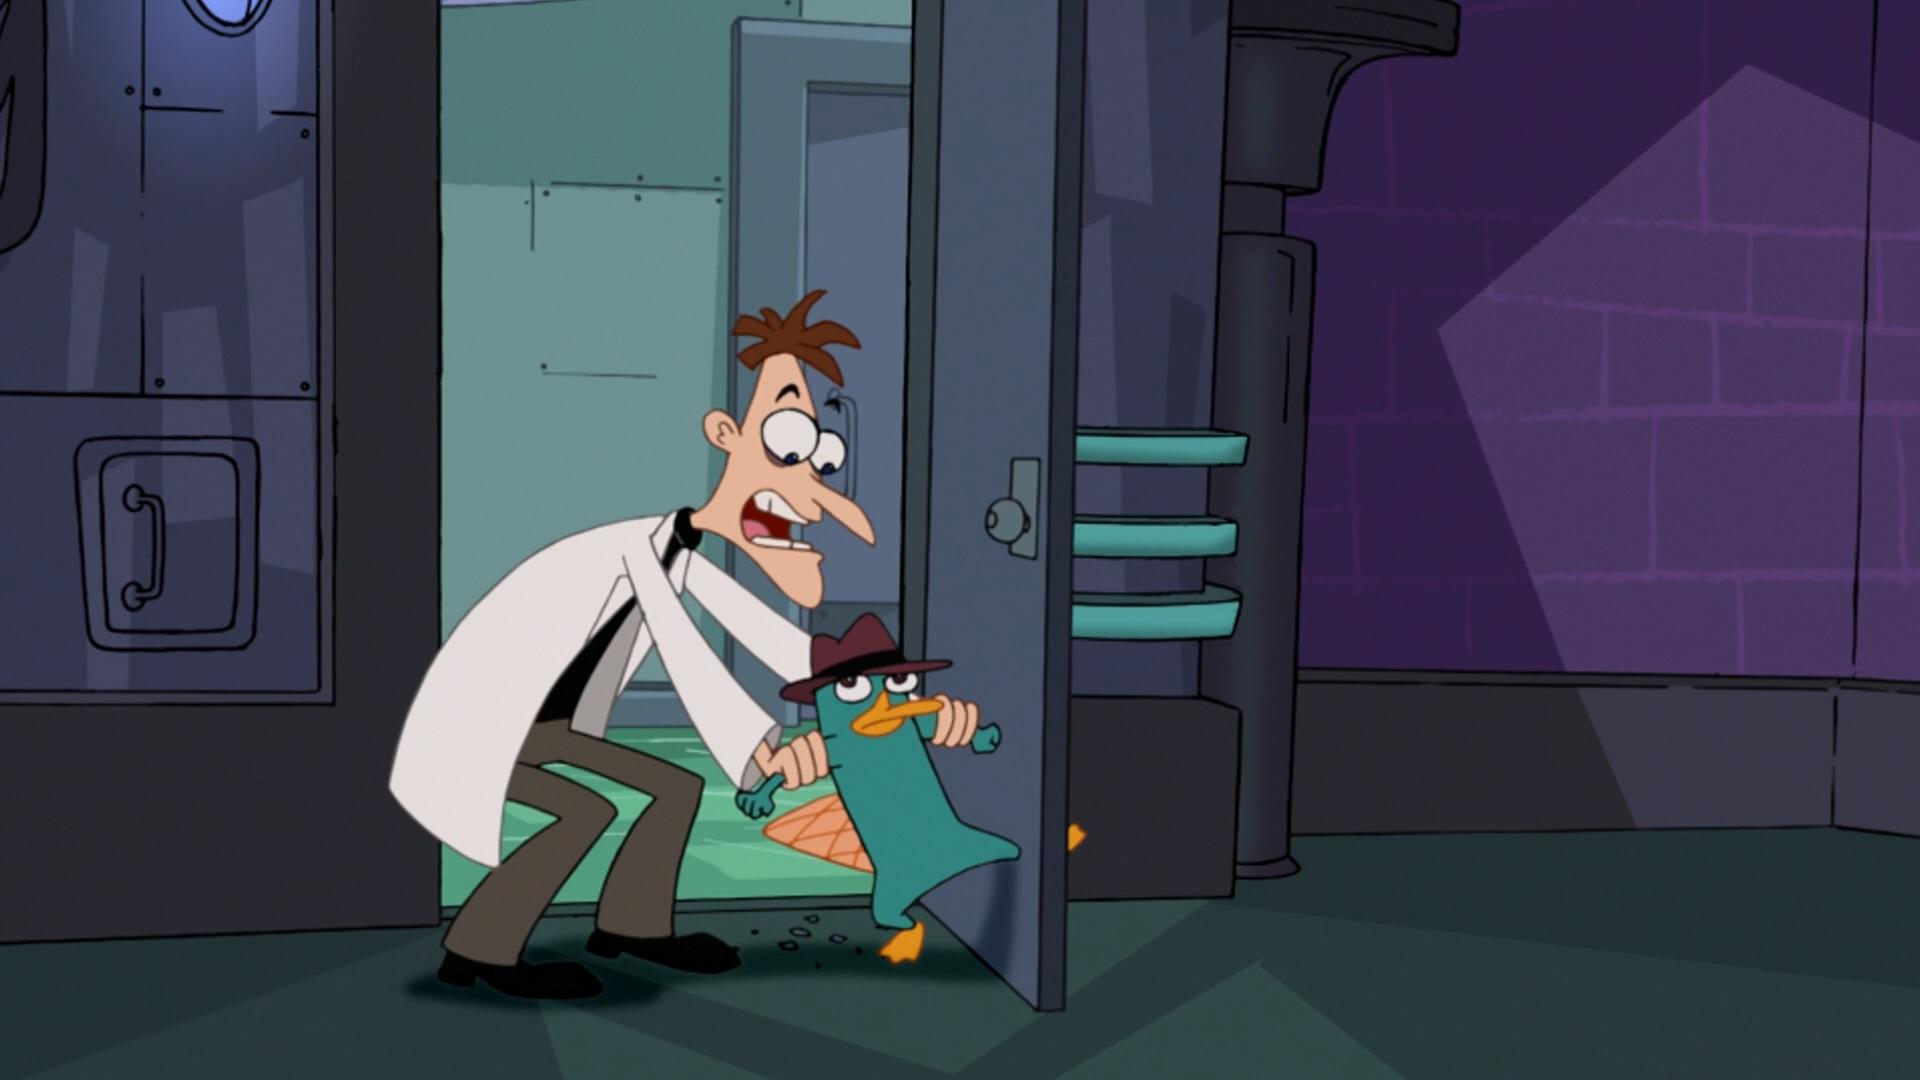 Agent P stuck in the door.jpg & Image - Agent P stuck in the door.jpg | Phineas and Ferb Wiki ...